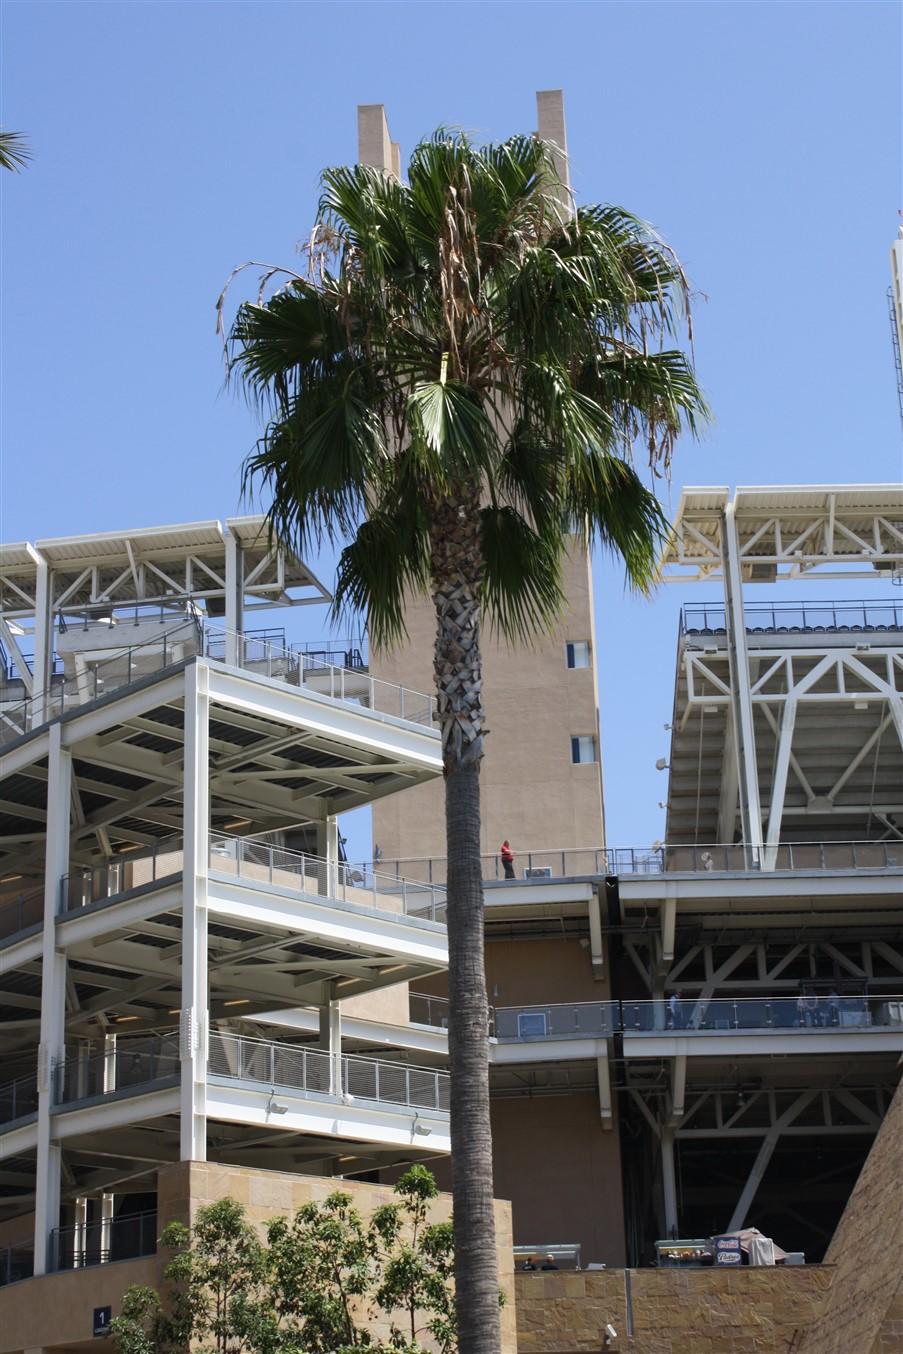 2009 08 23 45 San Diego Petco Field.jpg